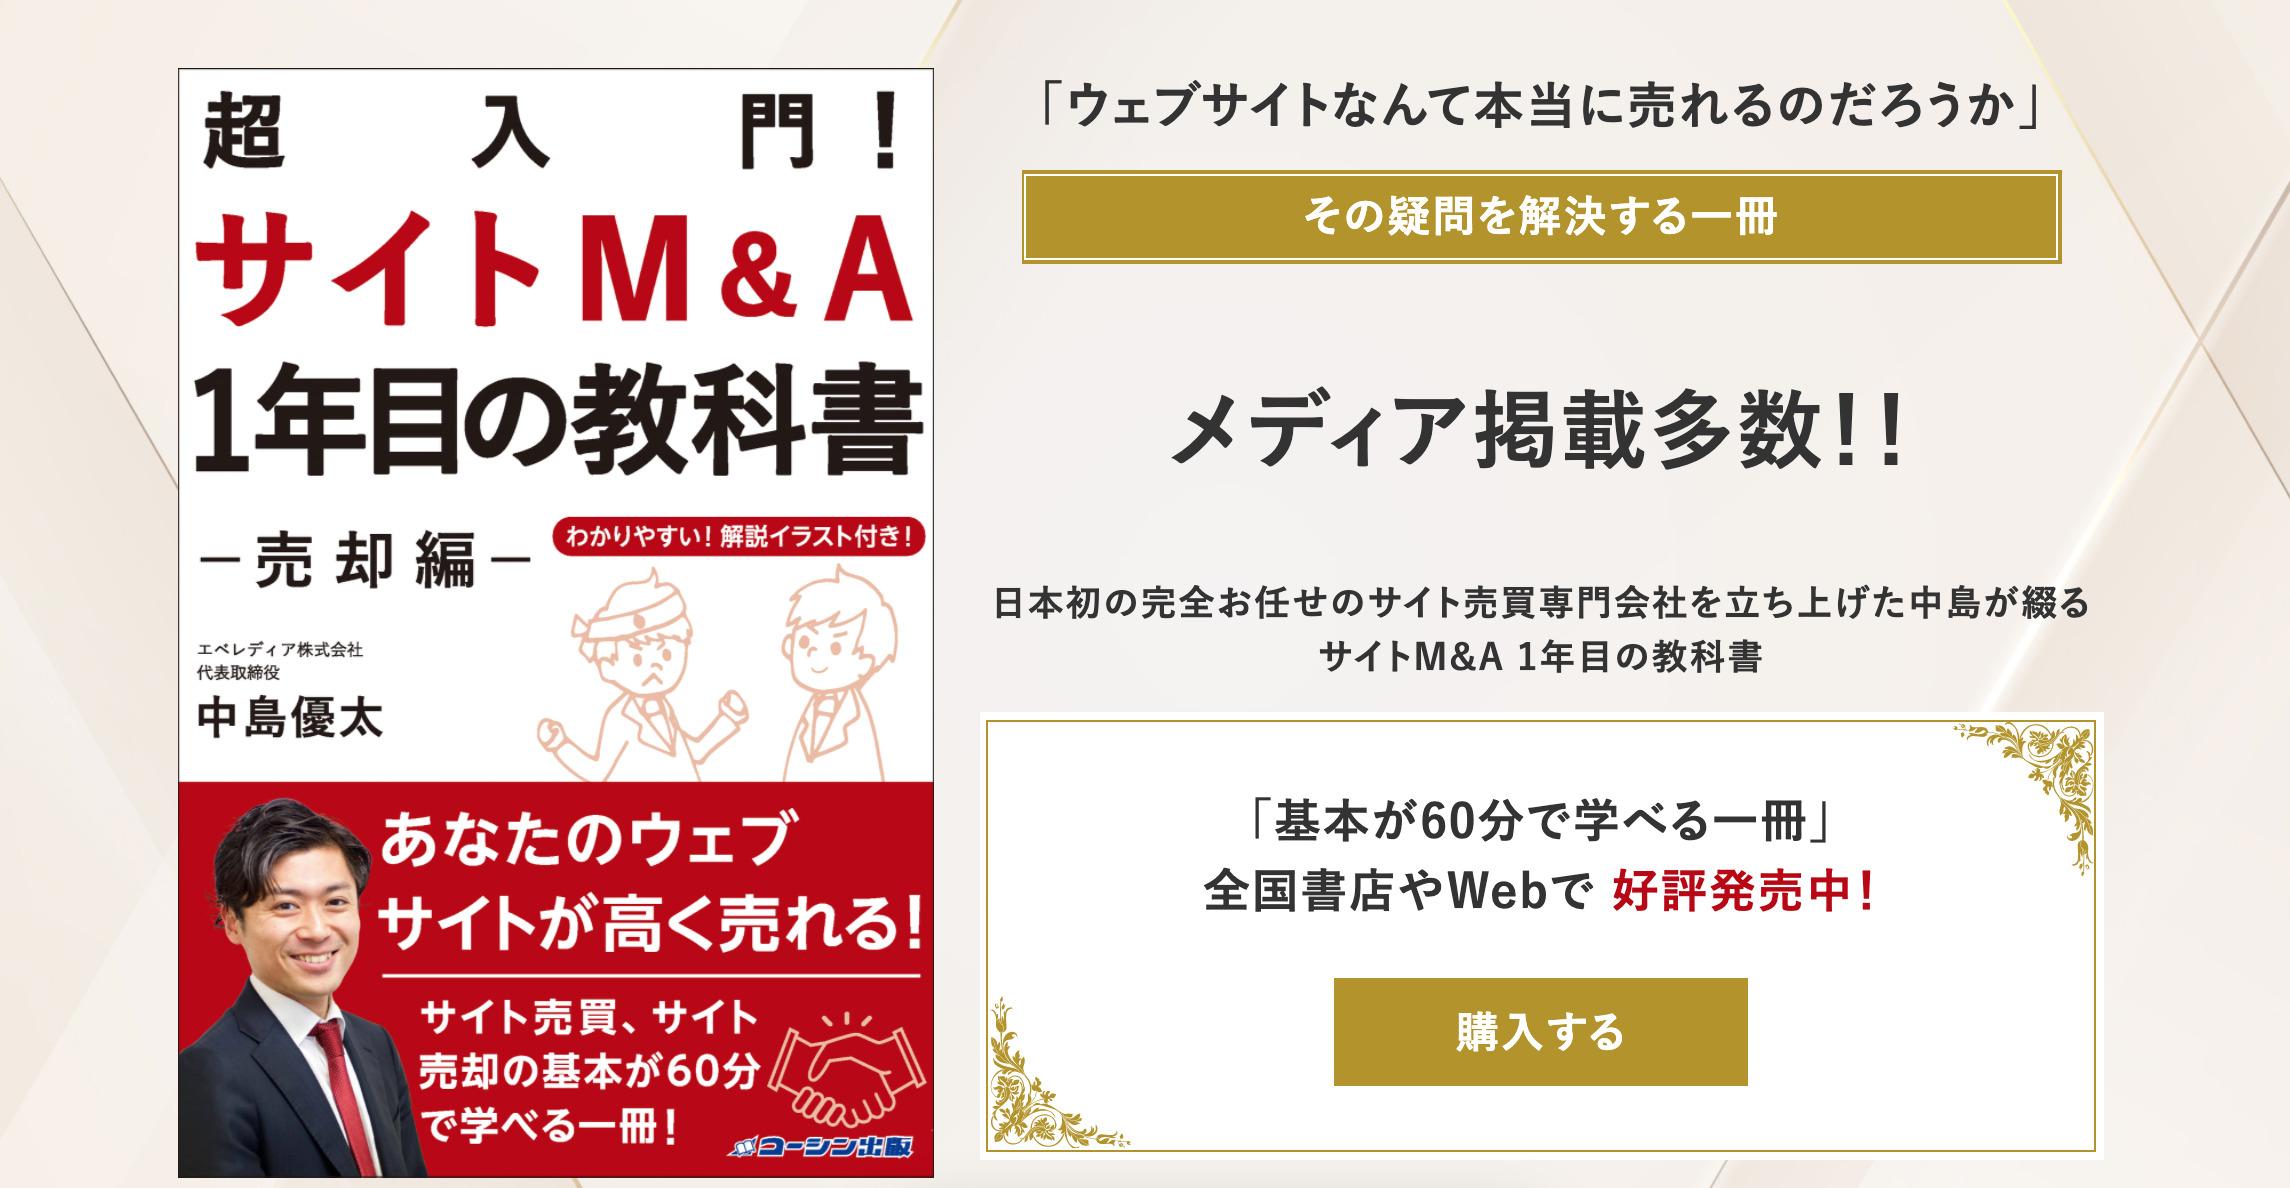 超入門! サイトM&A1年目の教科書 -売却編- あなたのサイトが高く売れる!サイト売買、サイト売却の基本が60分で学べる一冊!ーAmazonキャンペーン